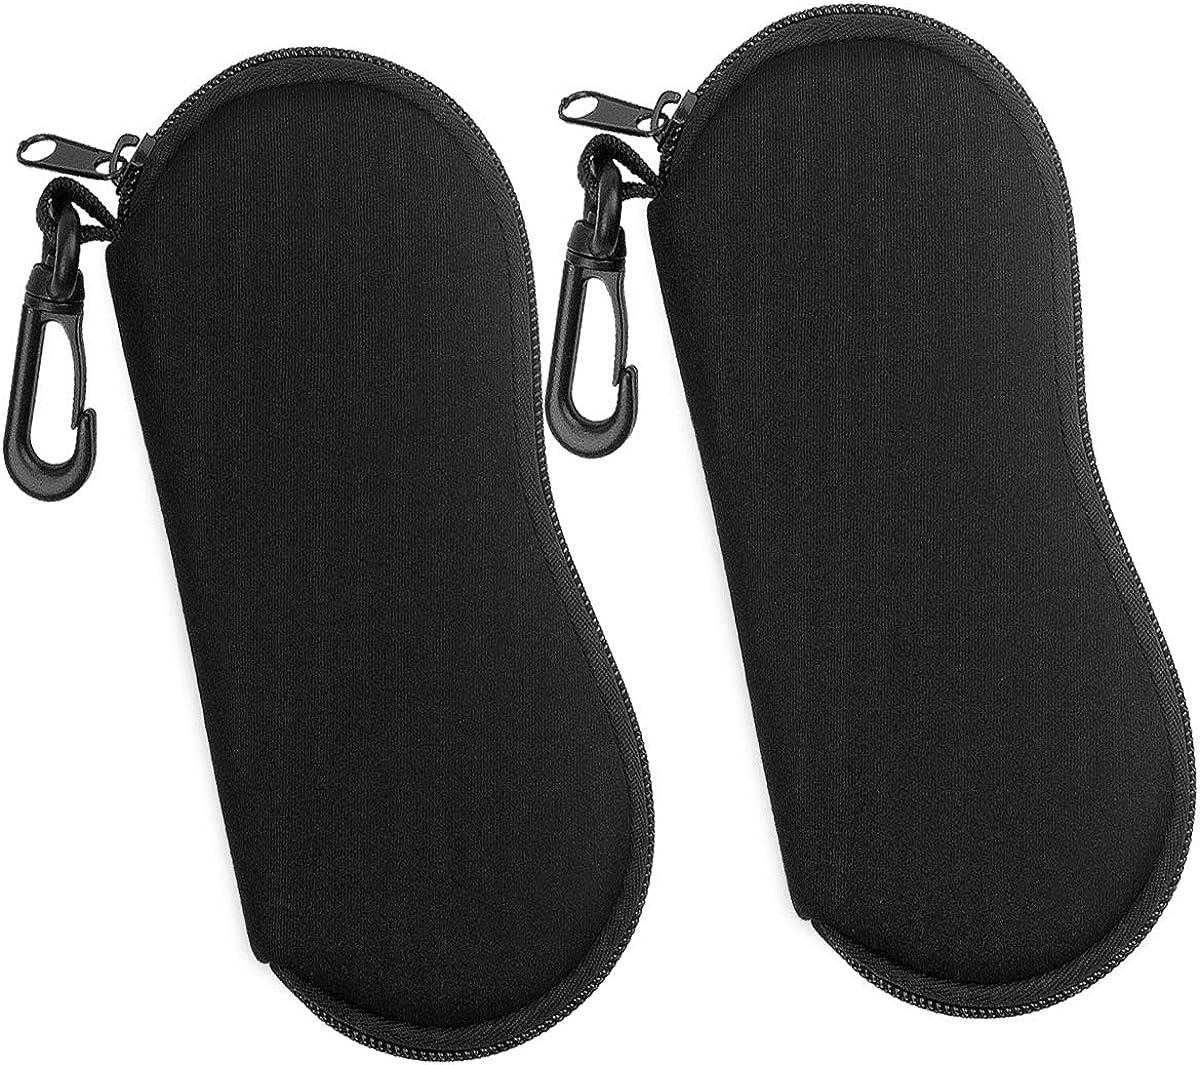 Eyewear Case Bag for Men Women Ultra Light Neoprene Zipper Glasses Soft Case Sunglasses Case Porteble Travel Eyeglasses Bag Sunglasses Pouch Holder with Clip Natuce 2PCS Soft Eyeglasses Case